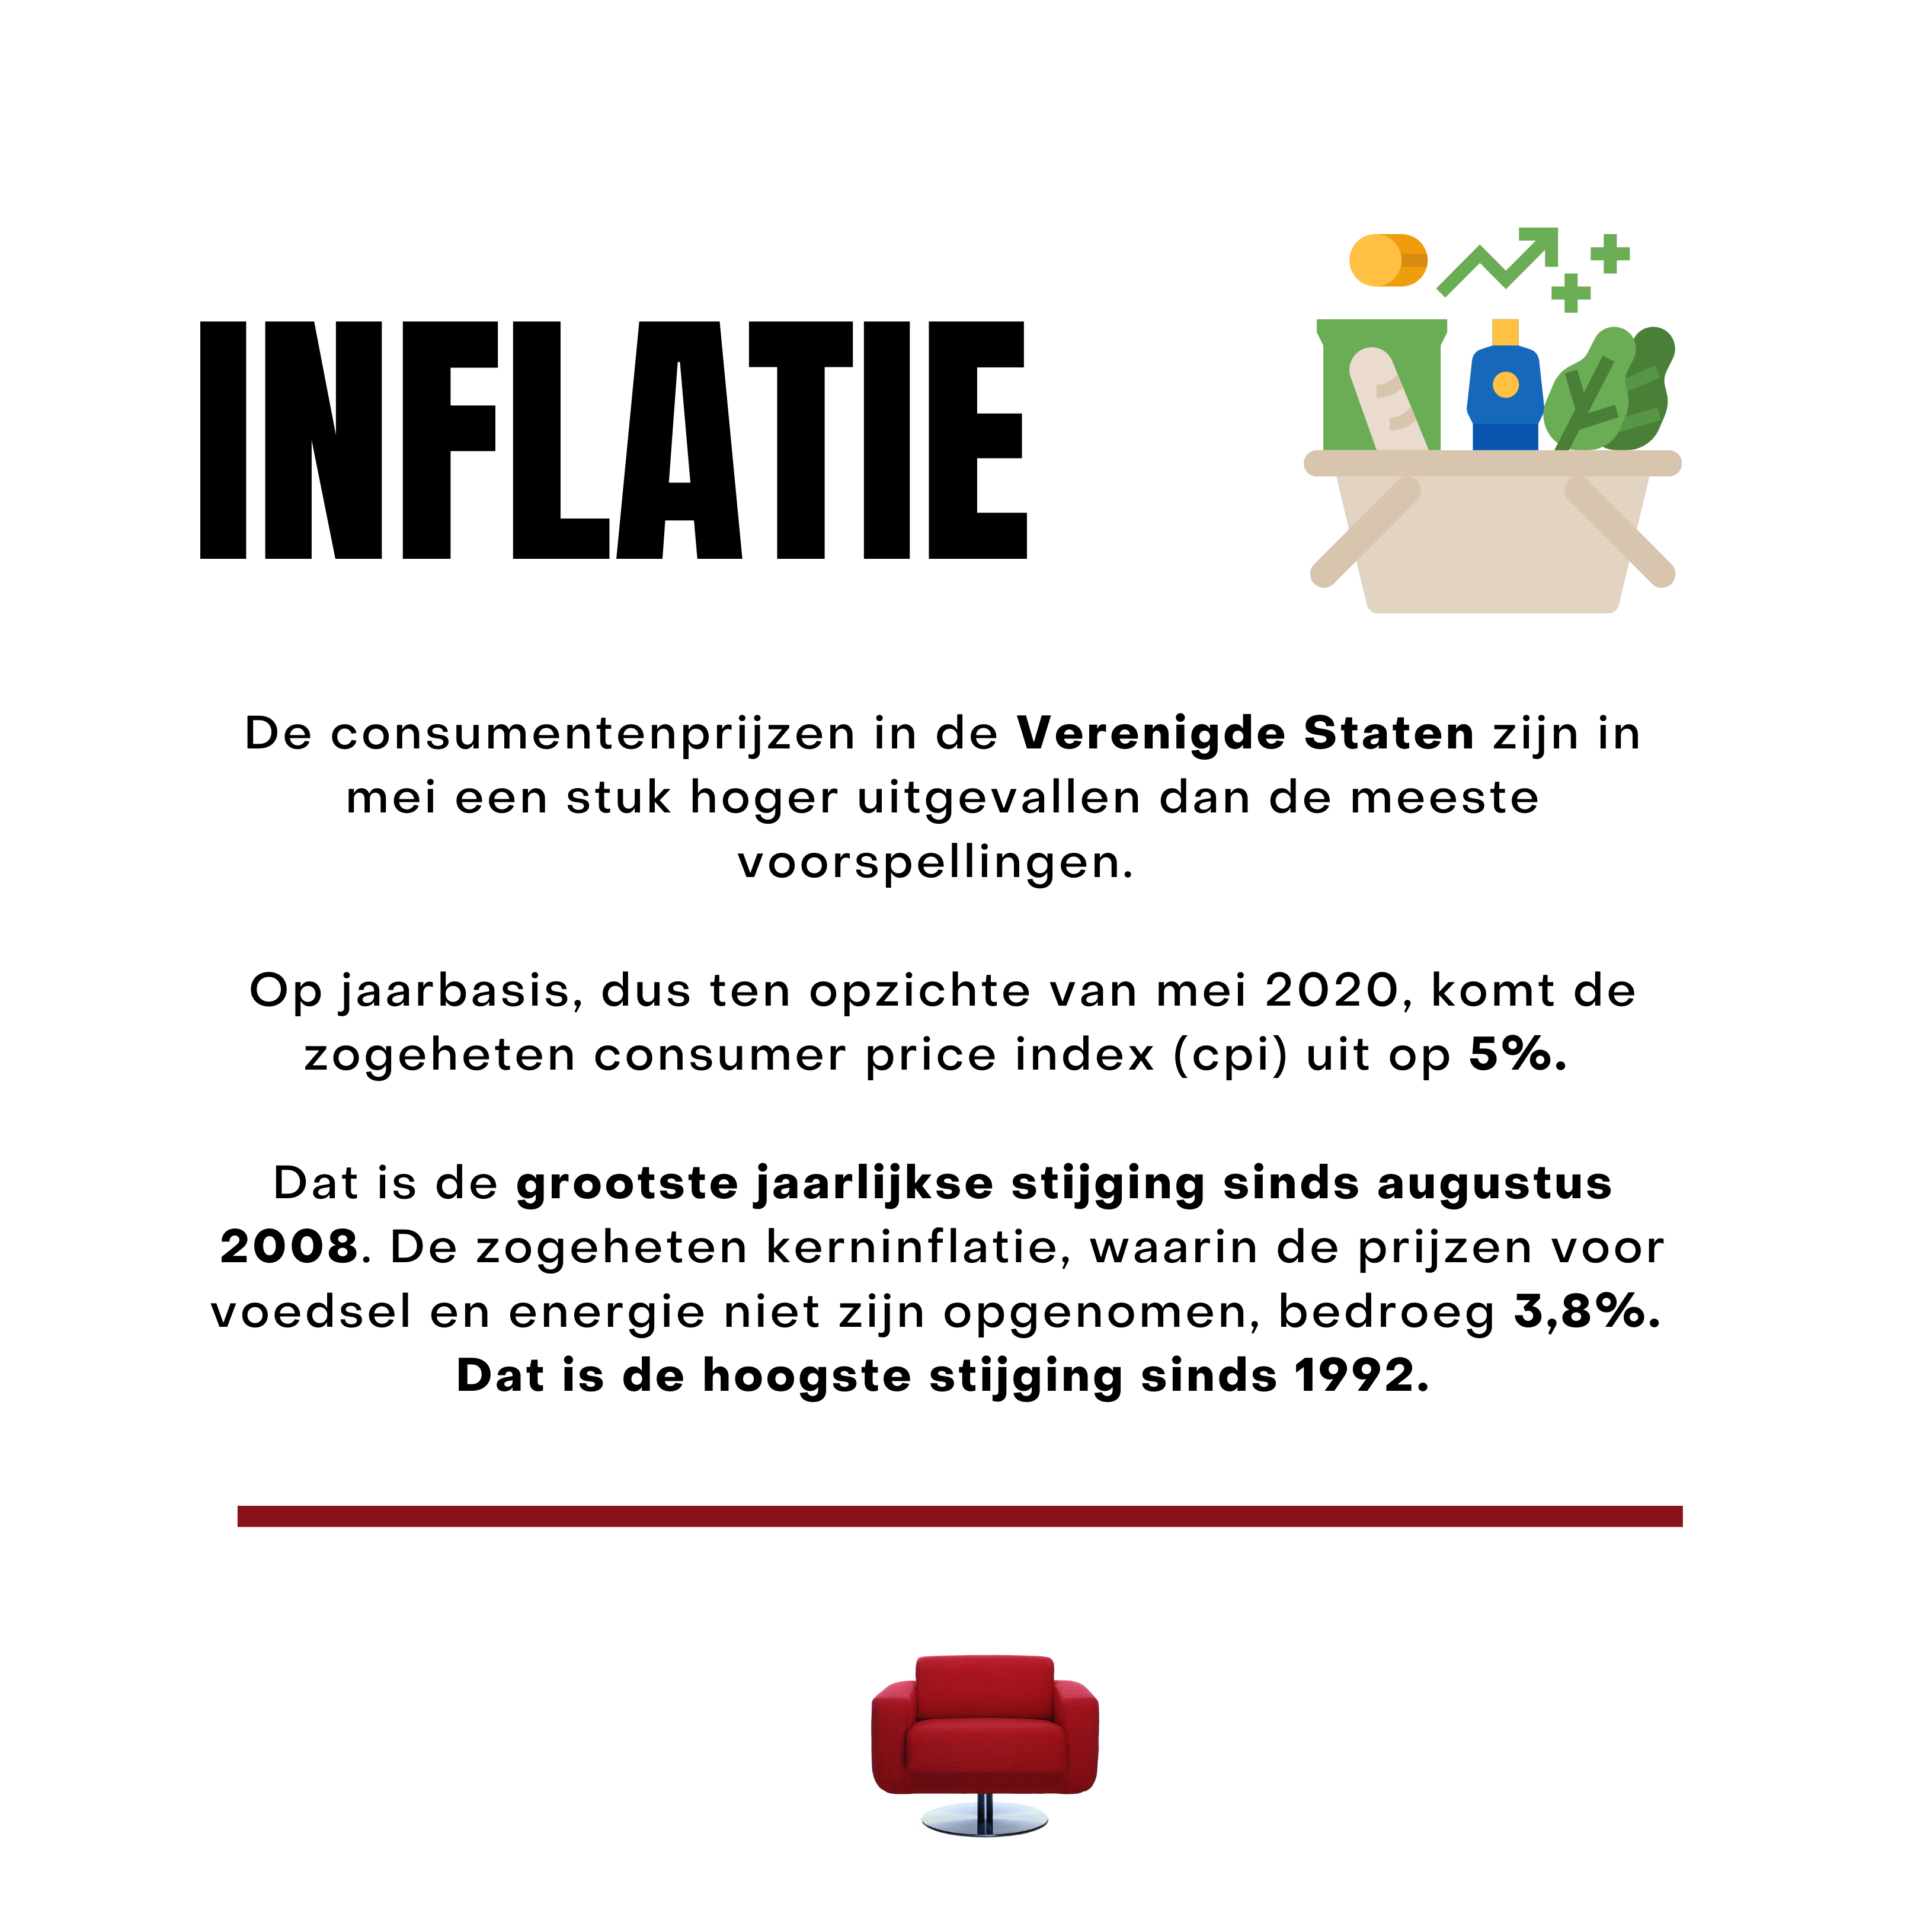 inflatie instagram beleggingsinstituut